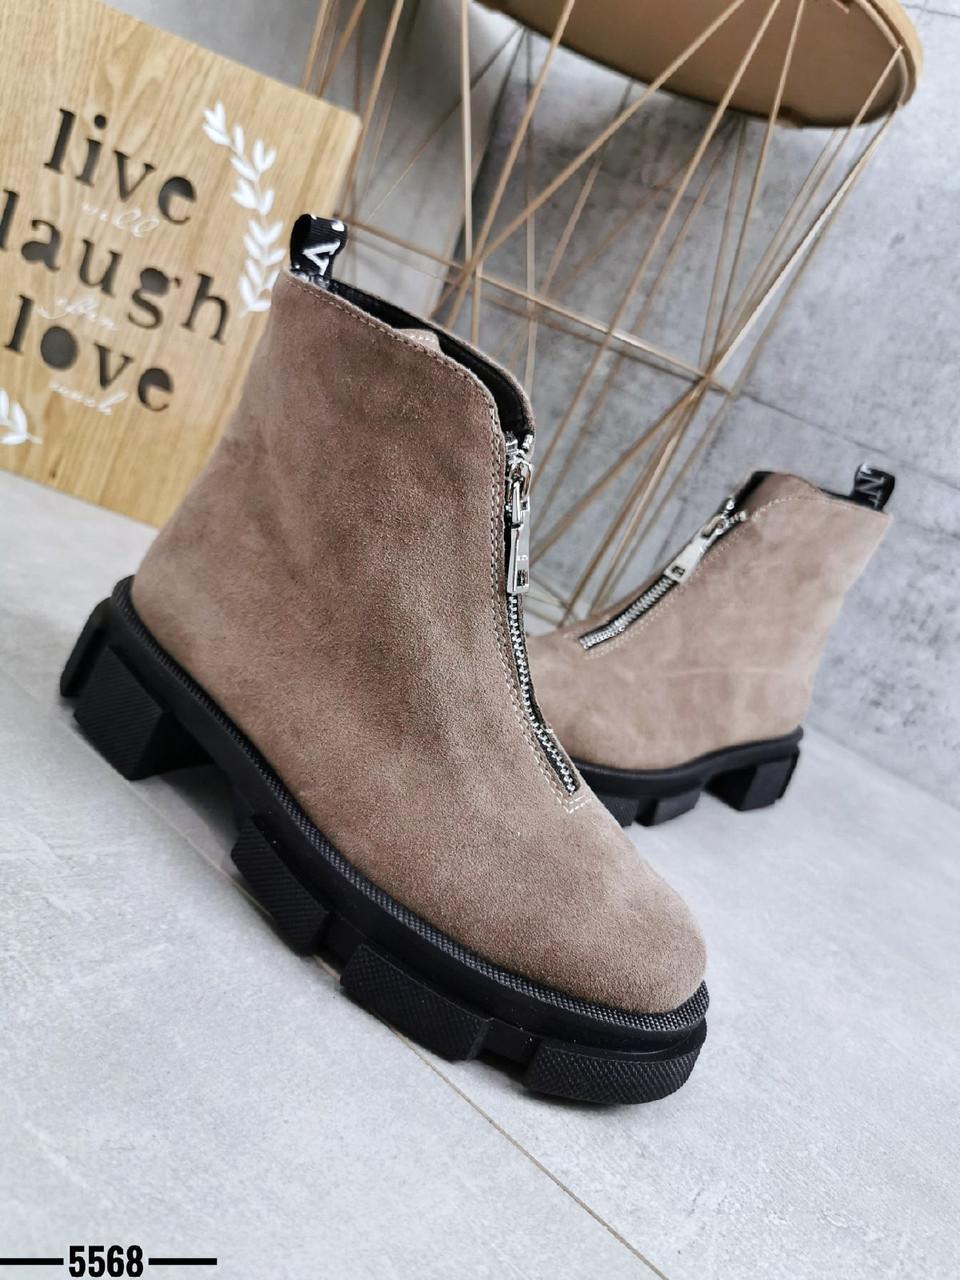 Женские замшевые демисезонные ботинки на молнии 36-40 р бежевый